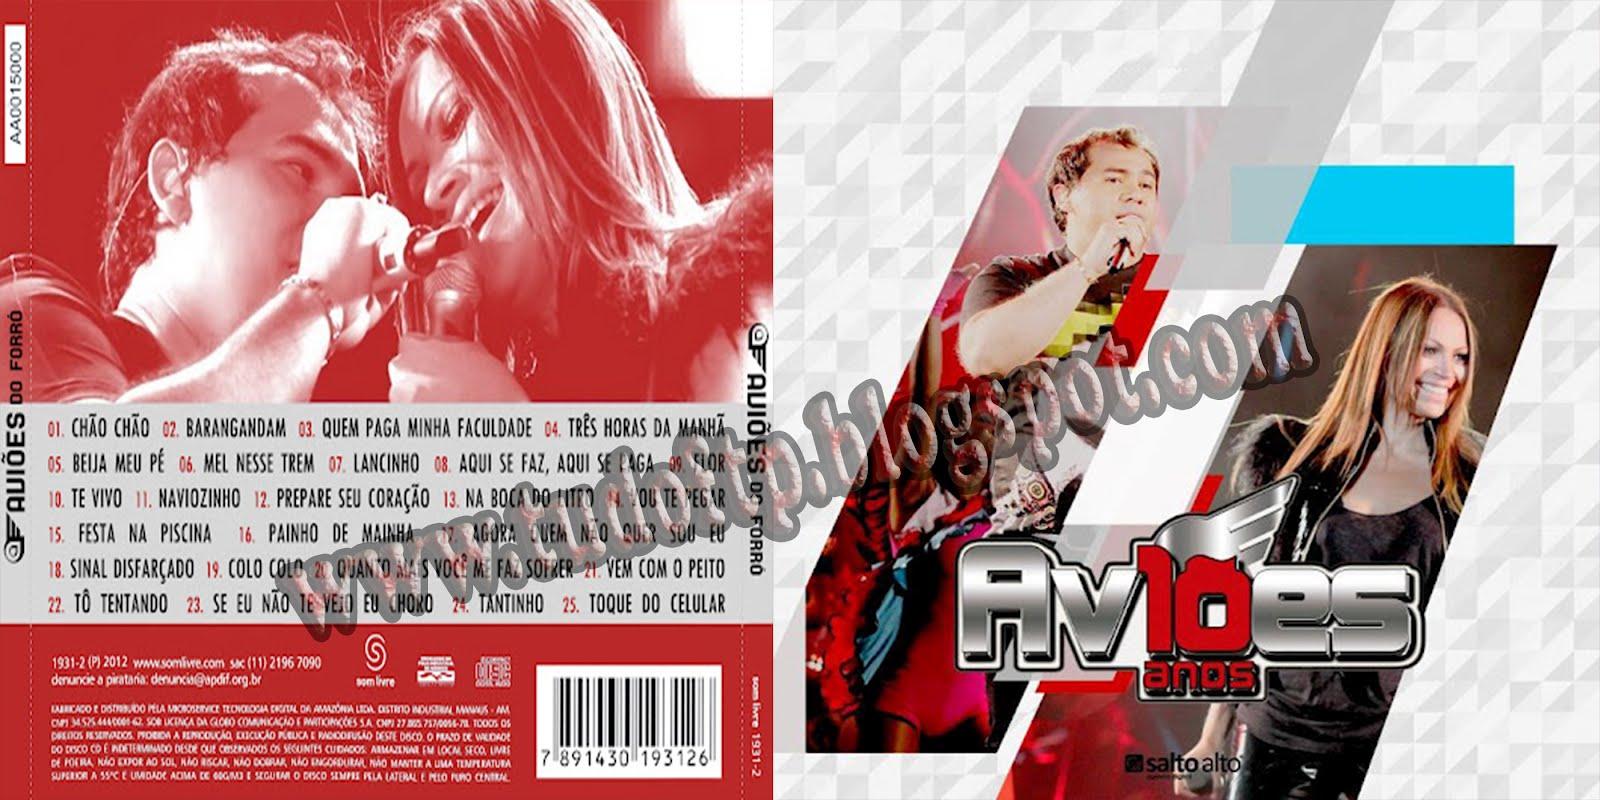 cd avioes do forro setembro 2012